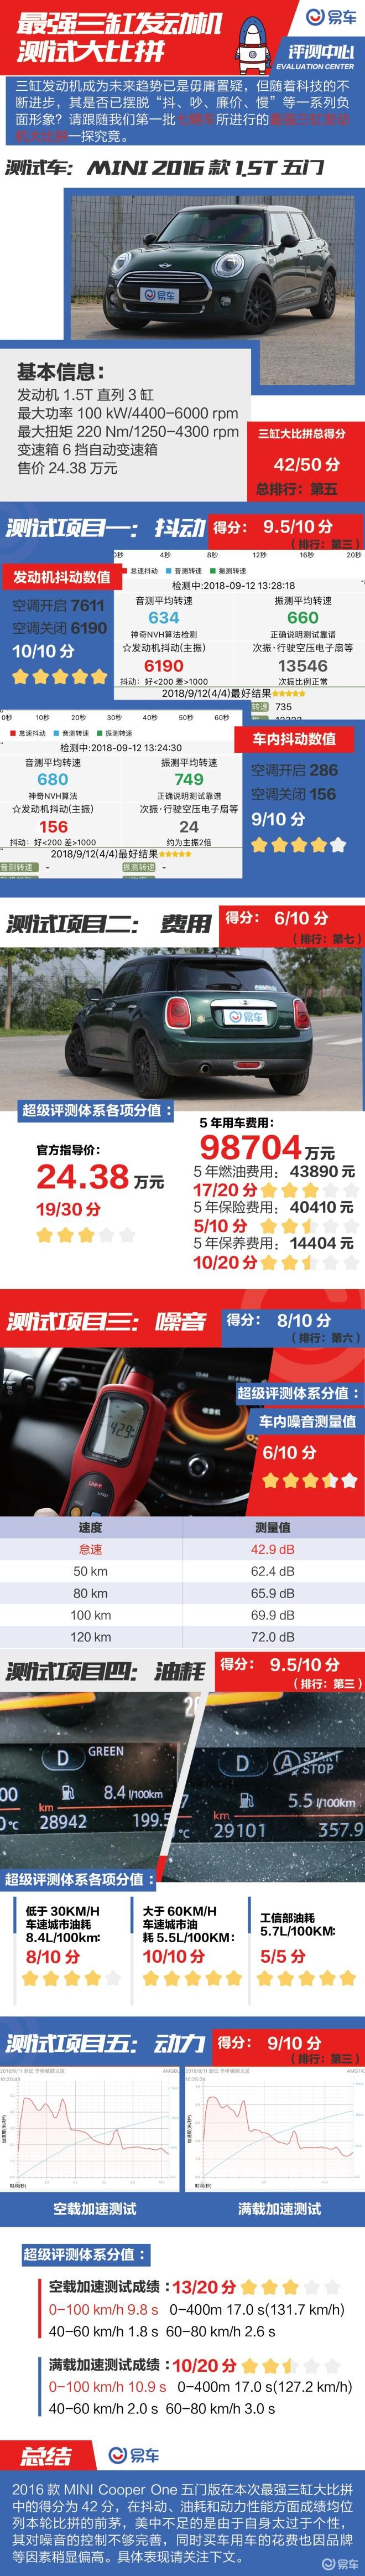 最强三缸大比拼之:2016款MINI COOPER 1.5T五门版